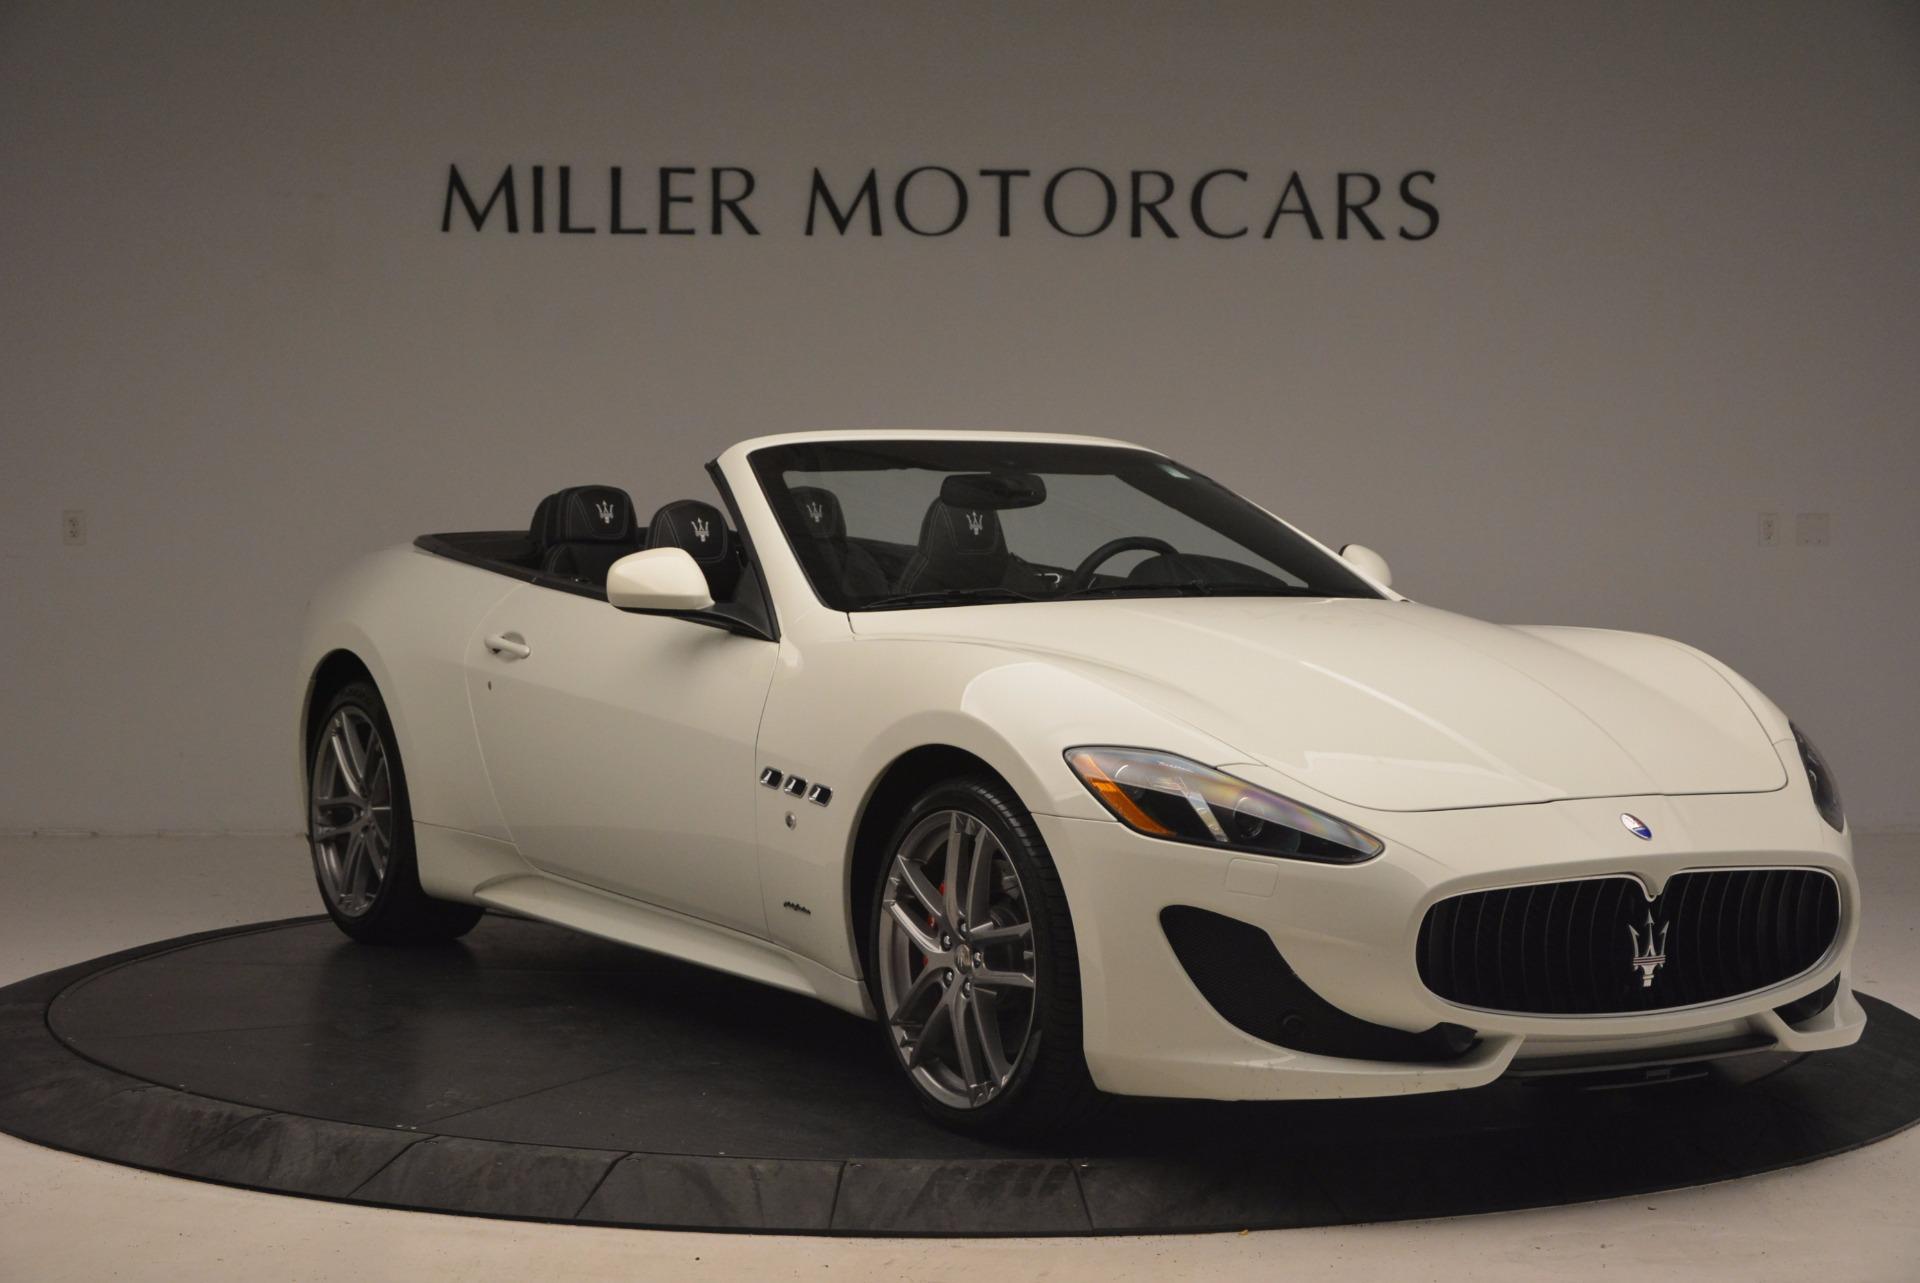 Used 2016 Maserati GranTurismo Sport For Sale In Greenwich, CT 1278_p12